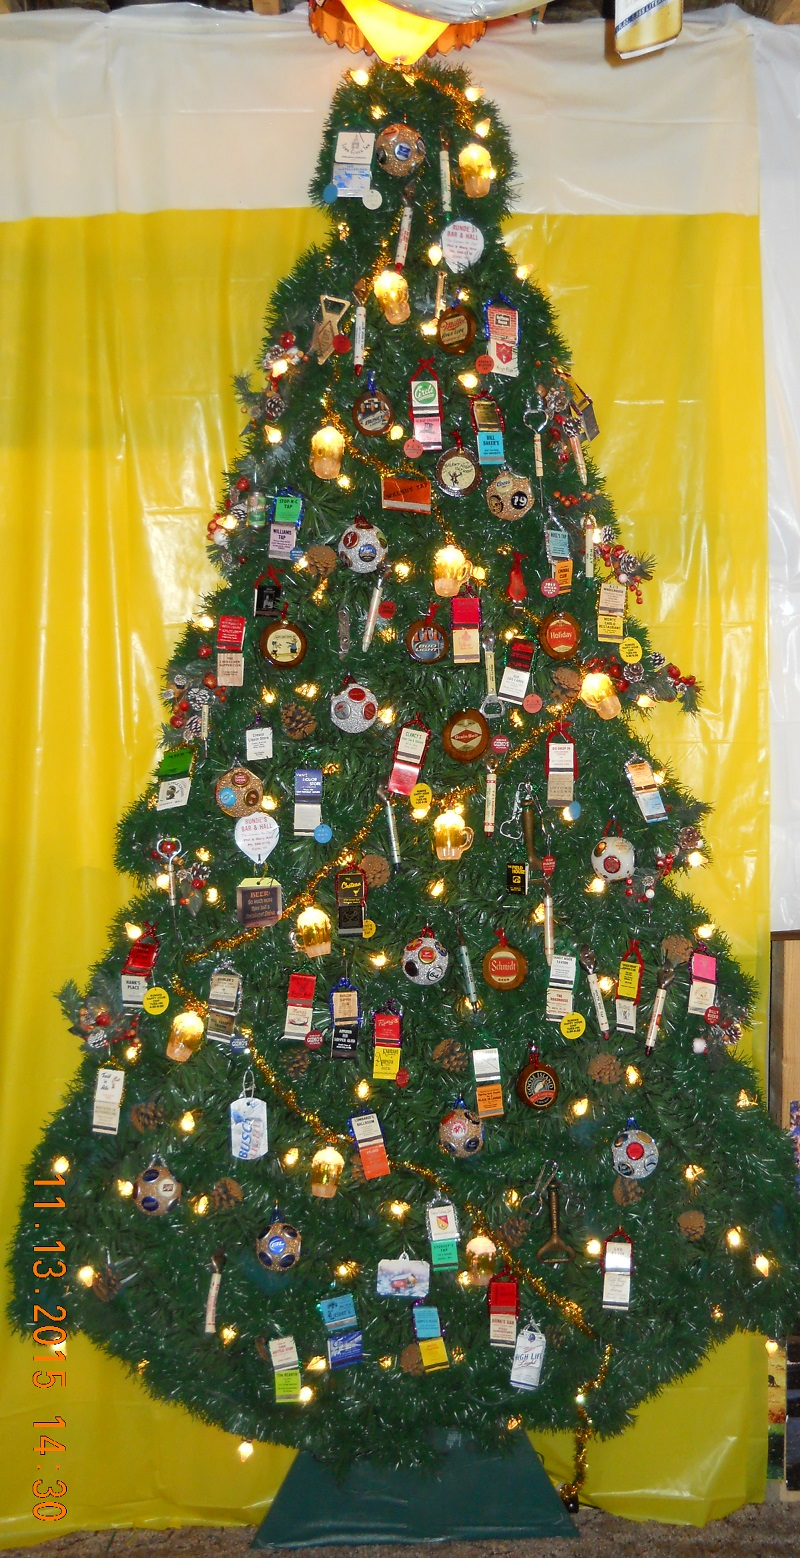 Tom S Beer Bottle Christmas Tree 2015